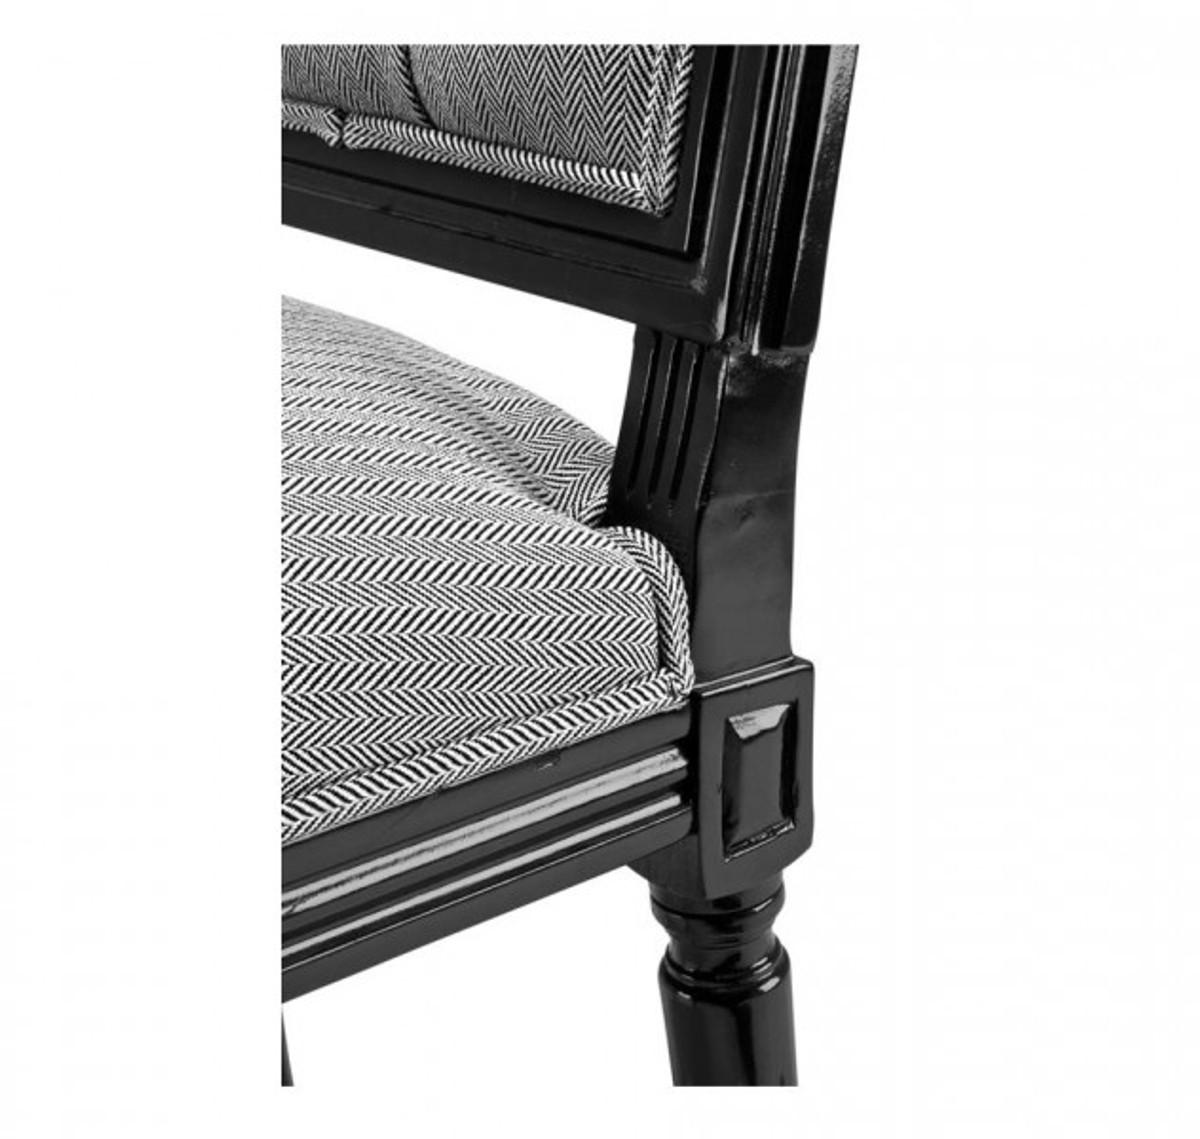 Casa Padrino Luxus Esszimmer Stuhl Schwarz - Club Hotel Möbel Stühle Luxus Stühle Luxus ...